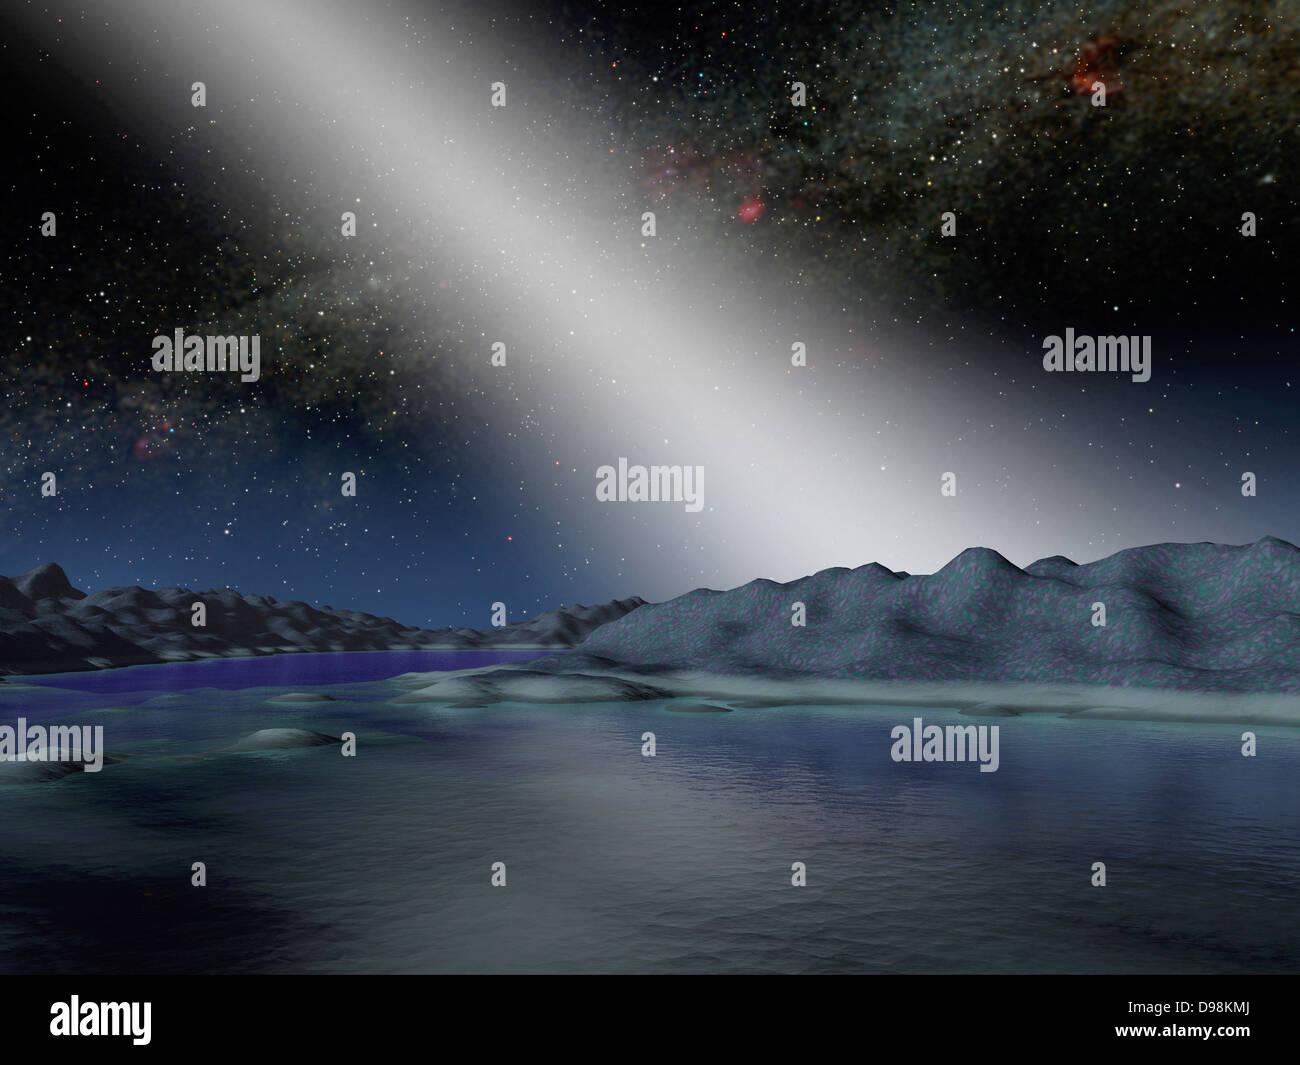 Artista del concetto di ciò che il cielo di notte potrebbe avere un aspetto simile da un ipotetico pianeta Immagini Stock